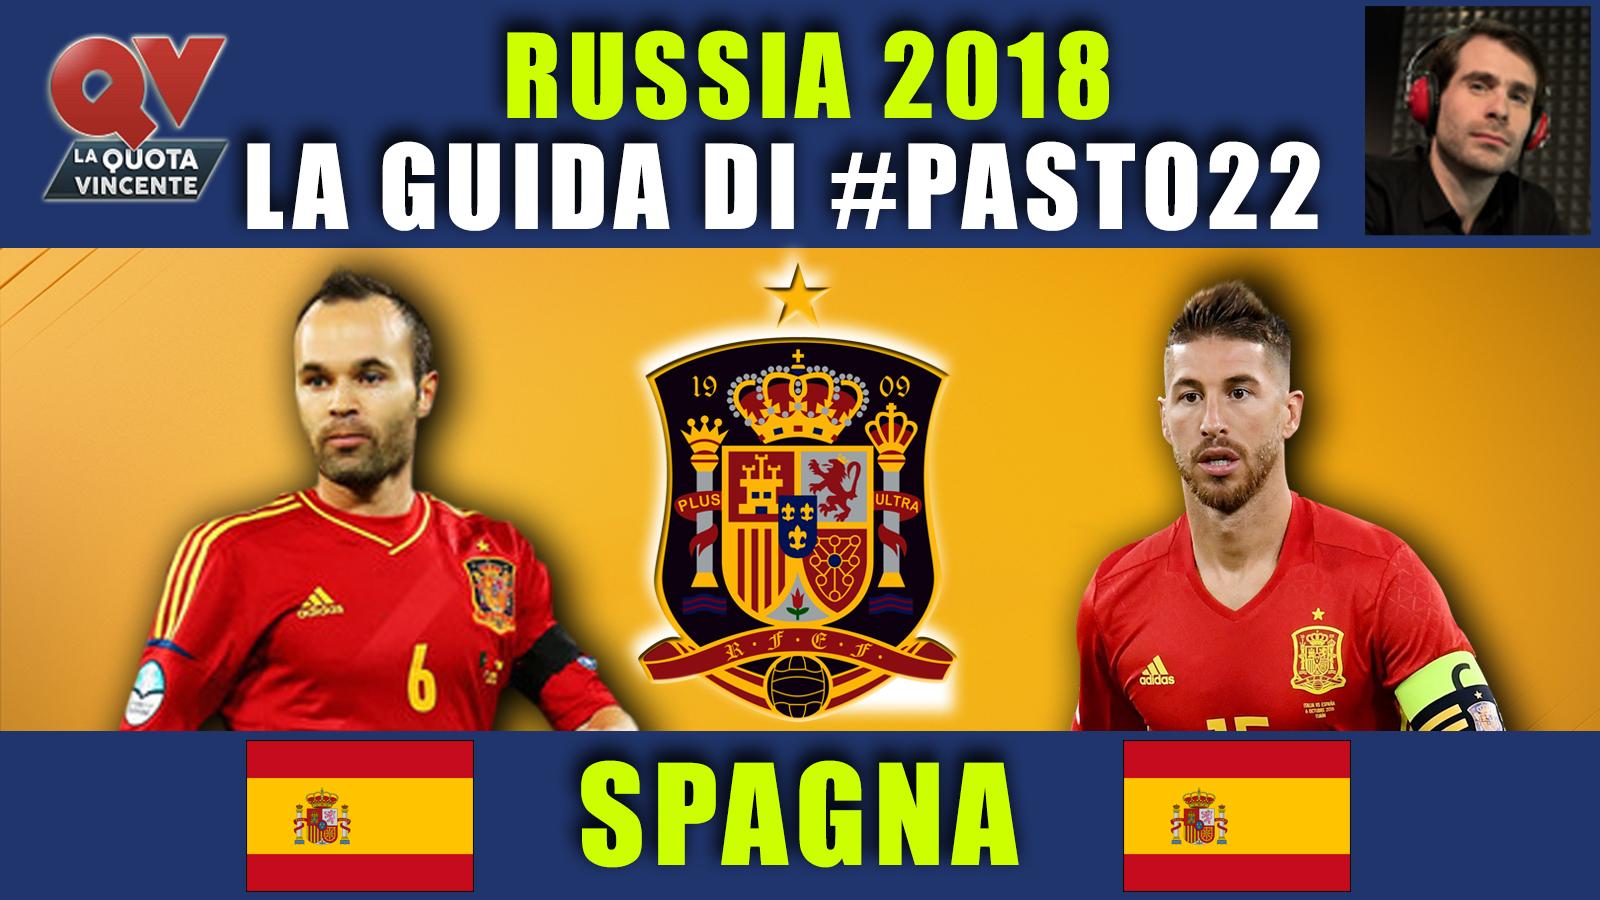 Guida Mondiali Russia 2018 Spagna